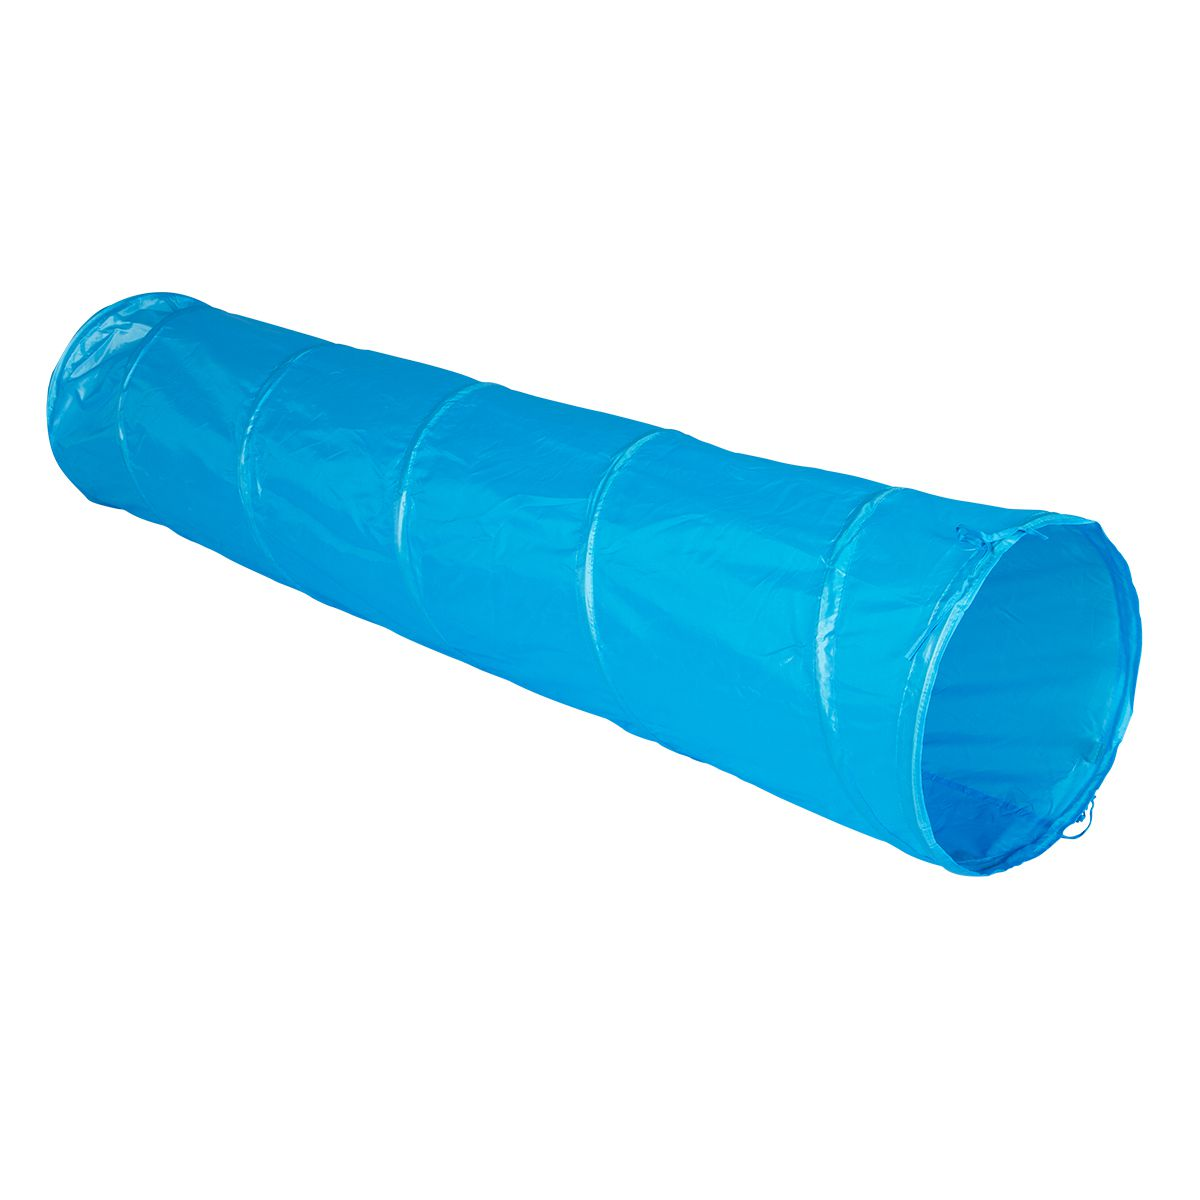 Túnel Velocity Agility para Treinamento Canino Eleva Mundi - 2mts